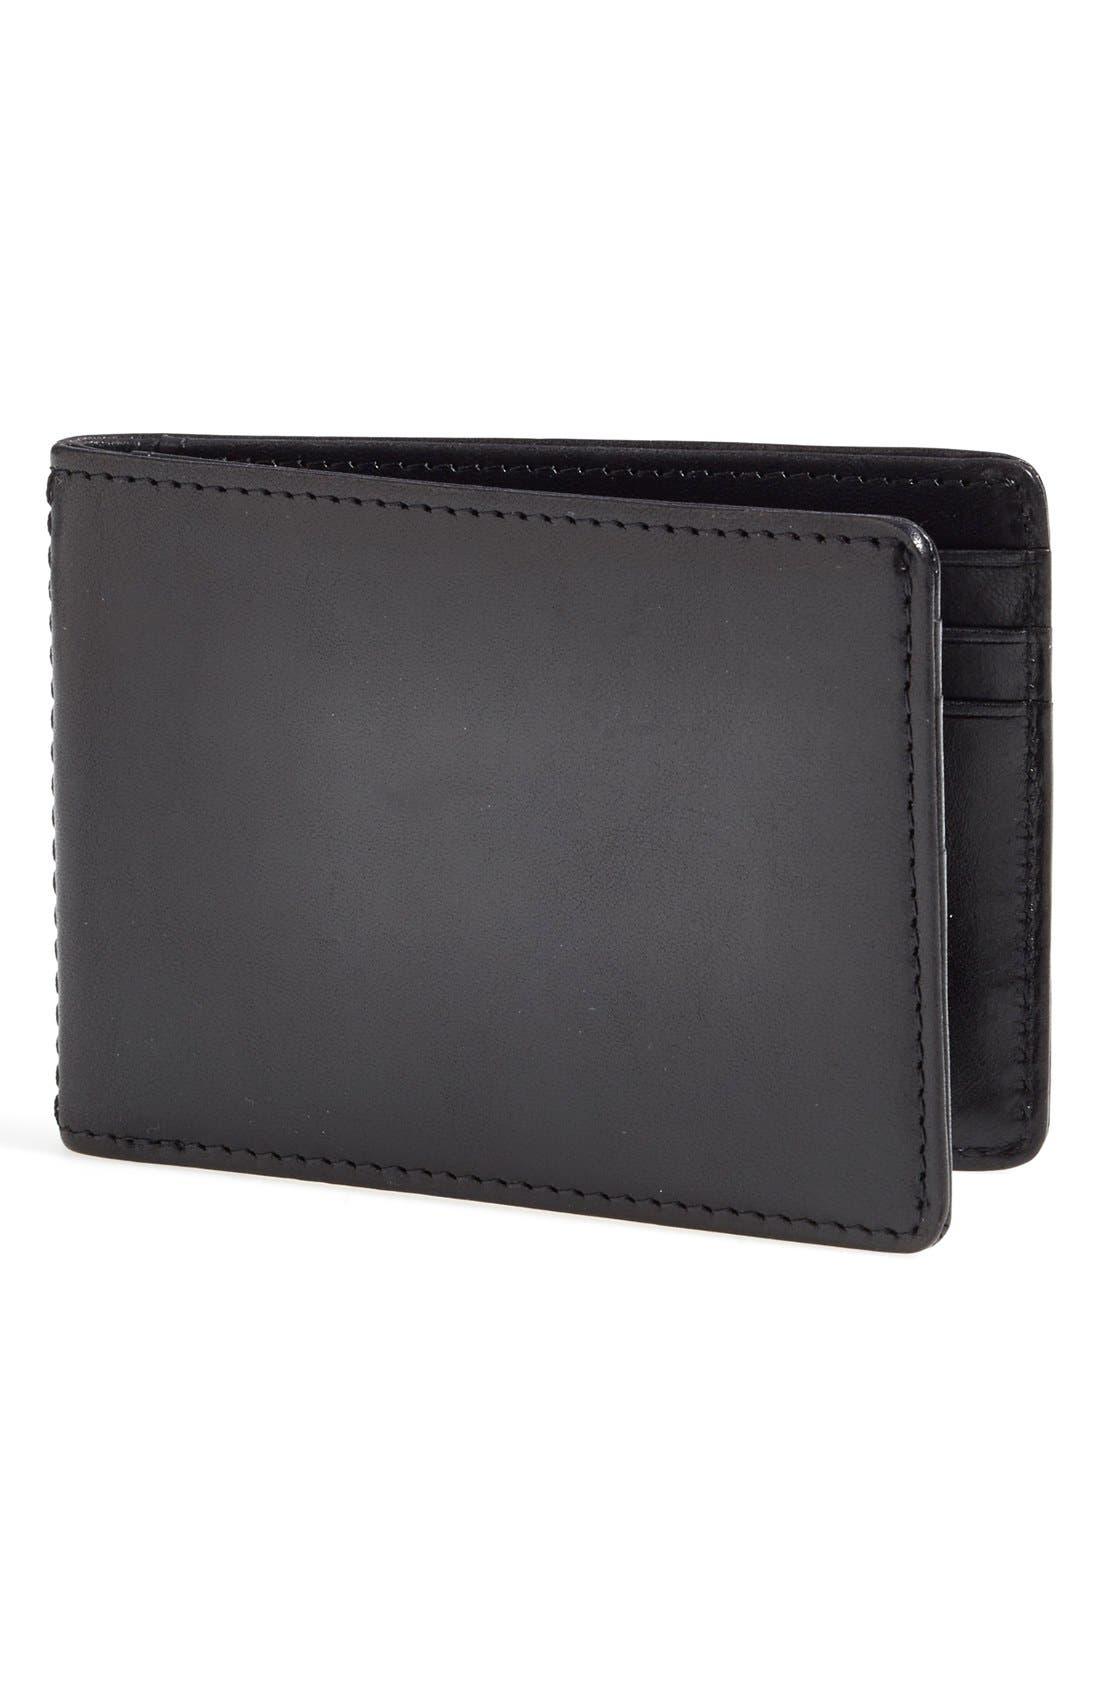 Small Bifold Wallet,                             Main thumbnail 1, color,